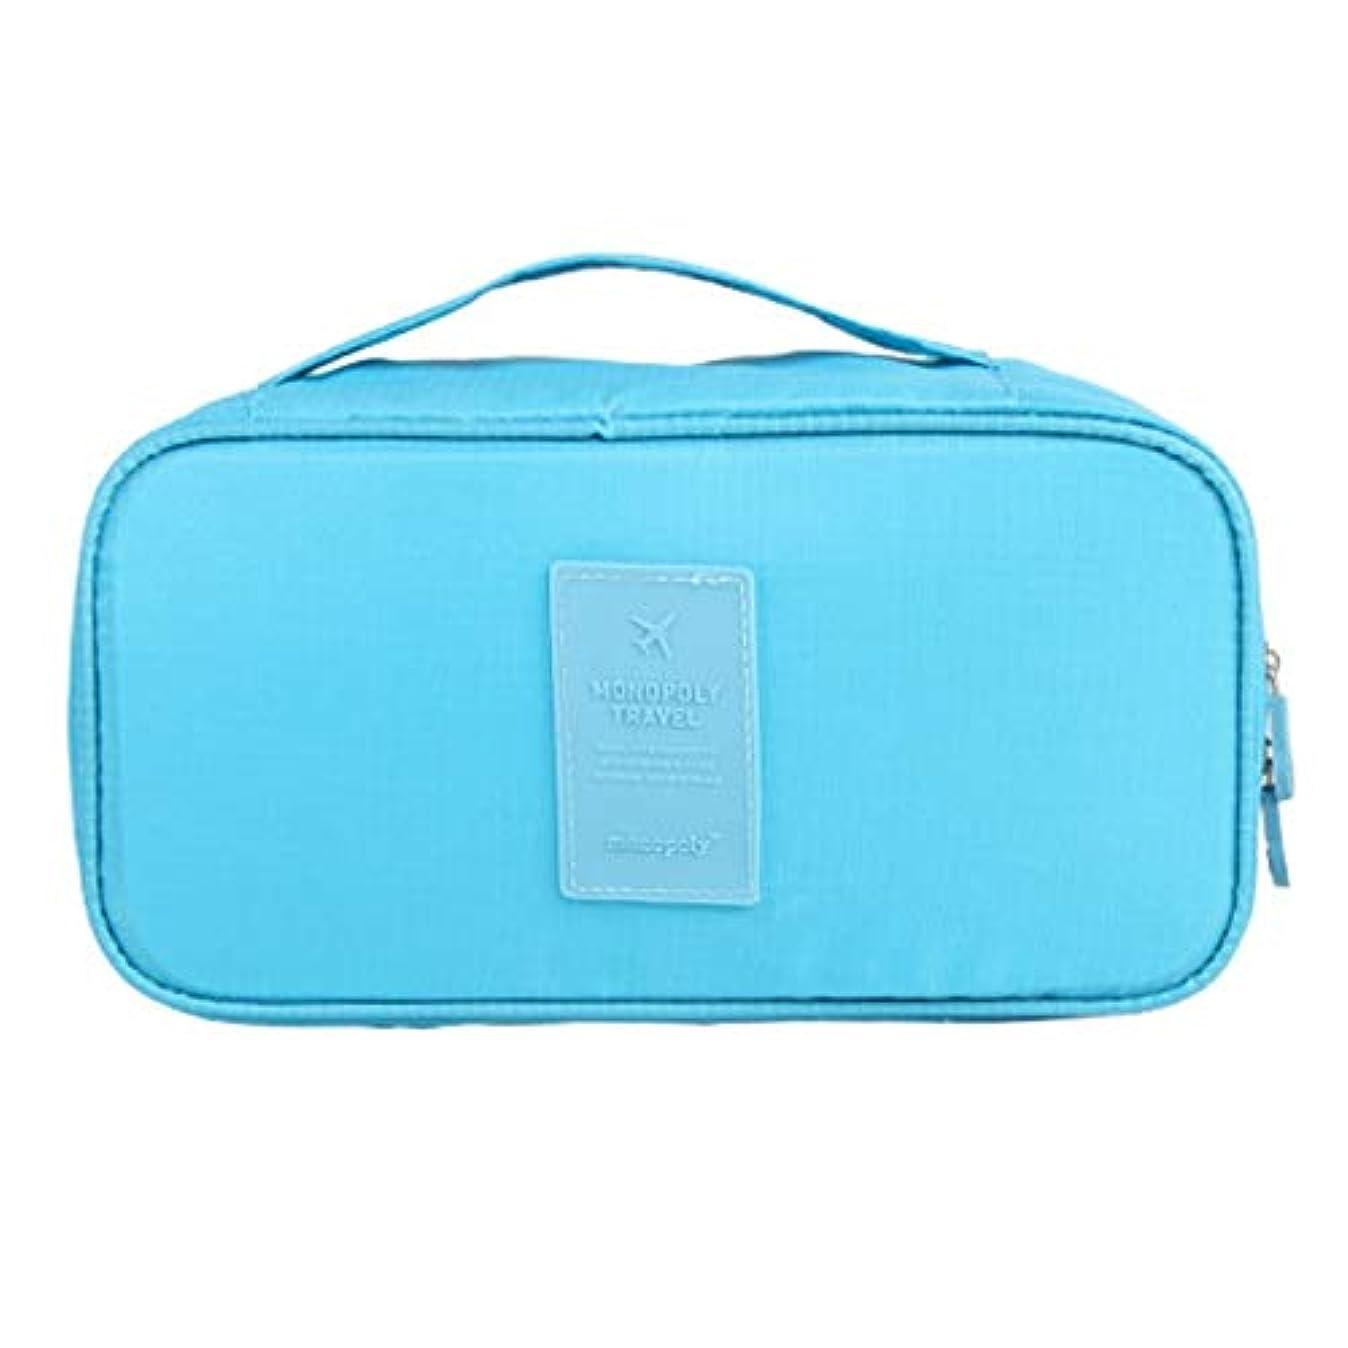 成功した献身感染する化粧オーガナイザーバッグ 旅行用品旅行用シェービングヘアバッグ 化粧品ケース (色 : 青)